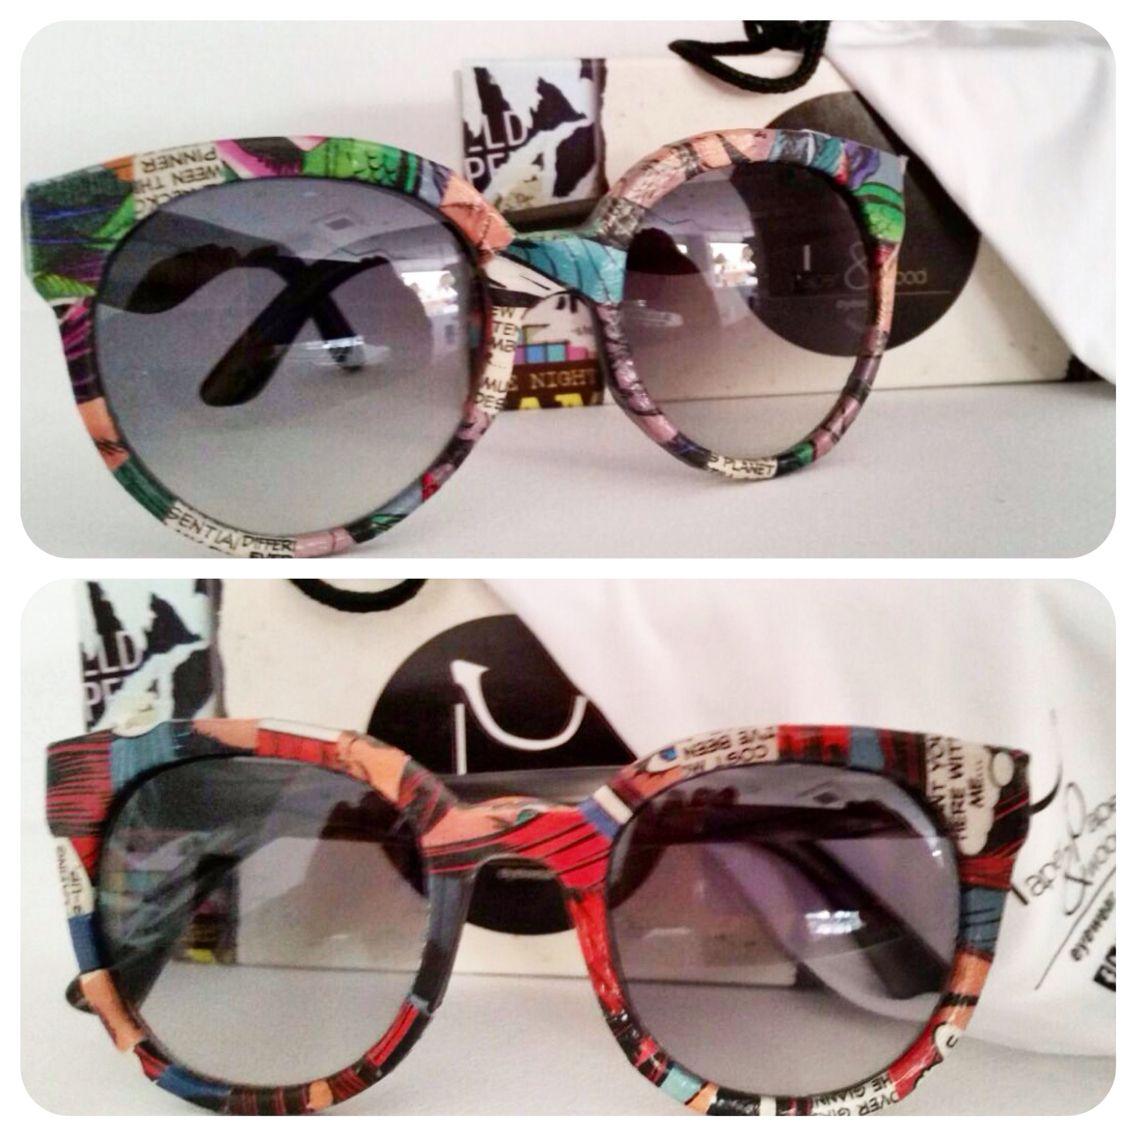 c20e42c0b9 ¡Las gafas artesanales @paperandpapereyewear son únicas e irrepetibles, no  existe ningún modelo igual a otro! ¿Buscas algo diferente?